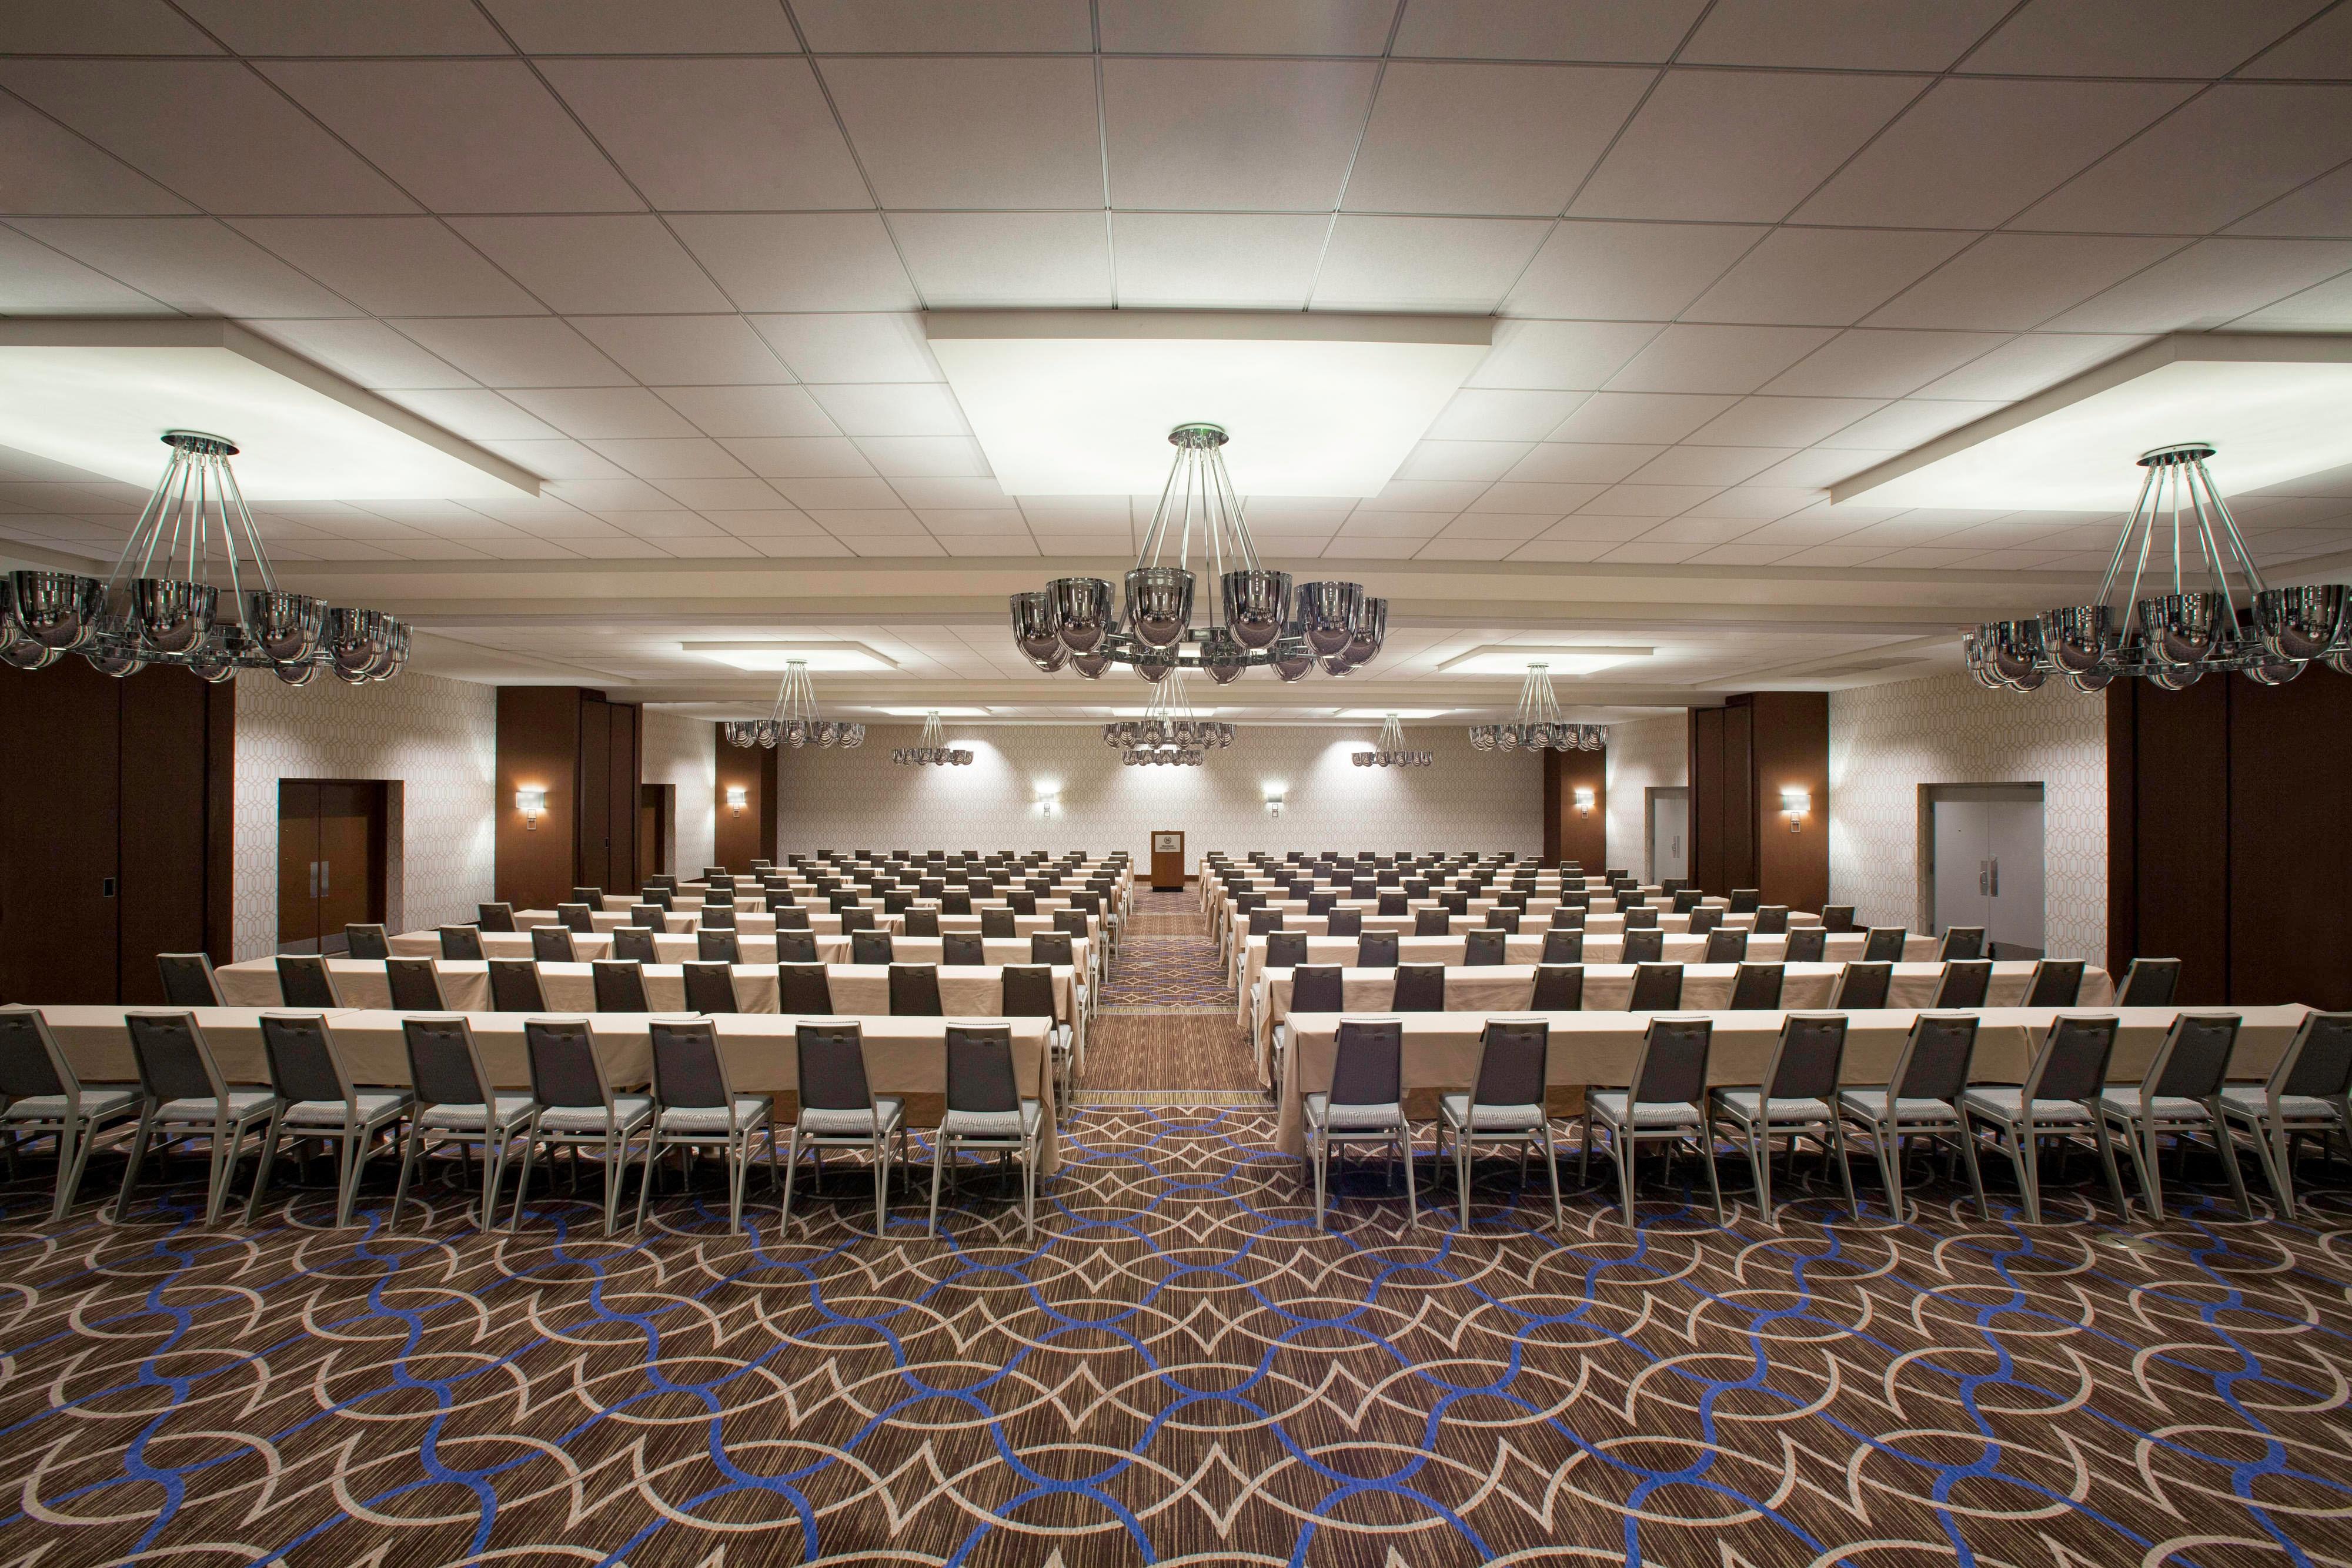 Ballroom - Classroom Meeting